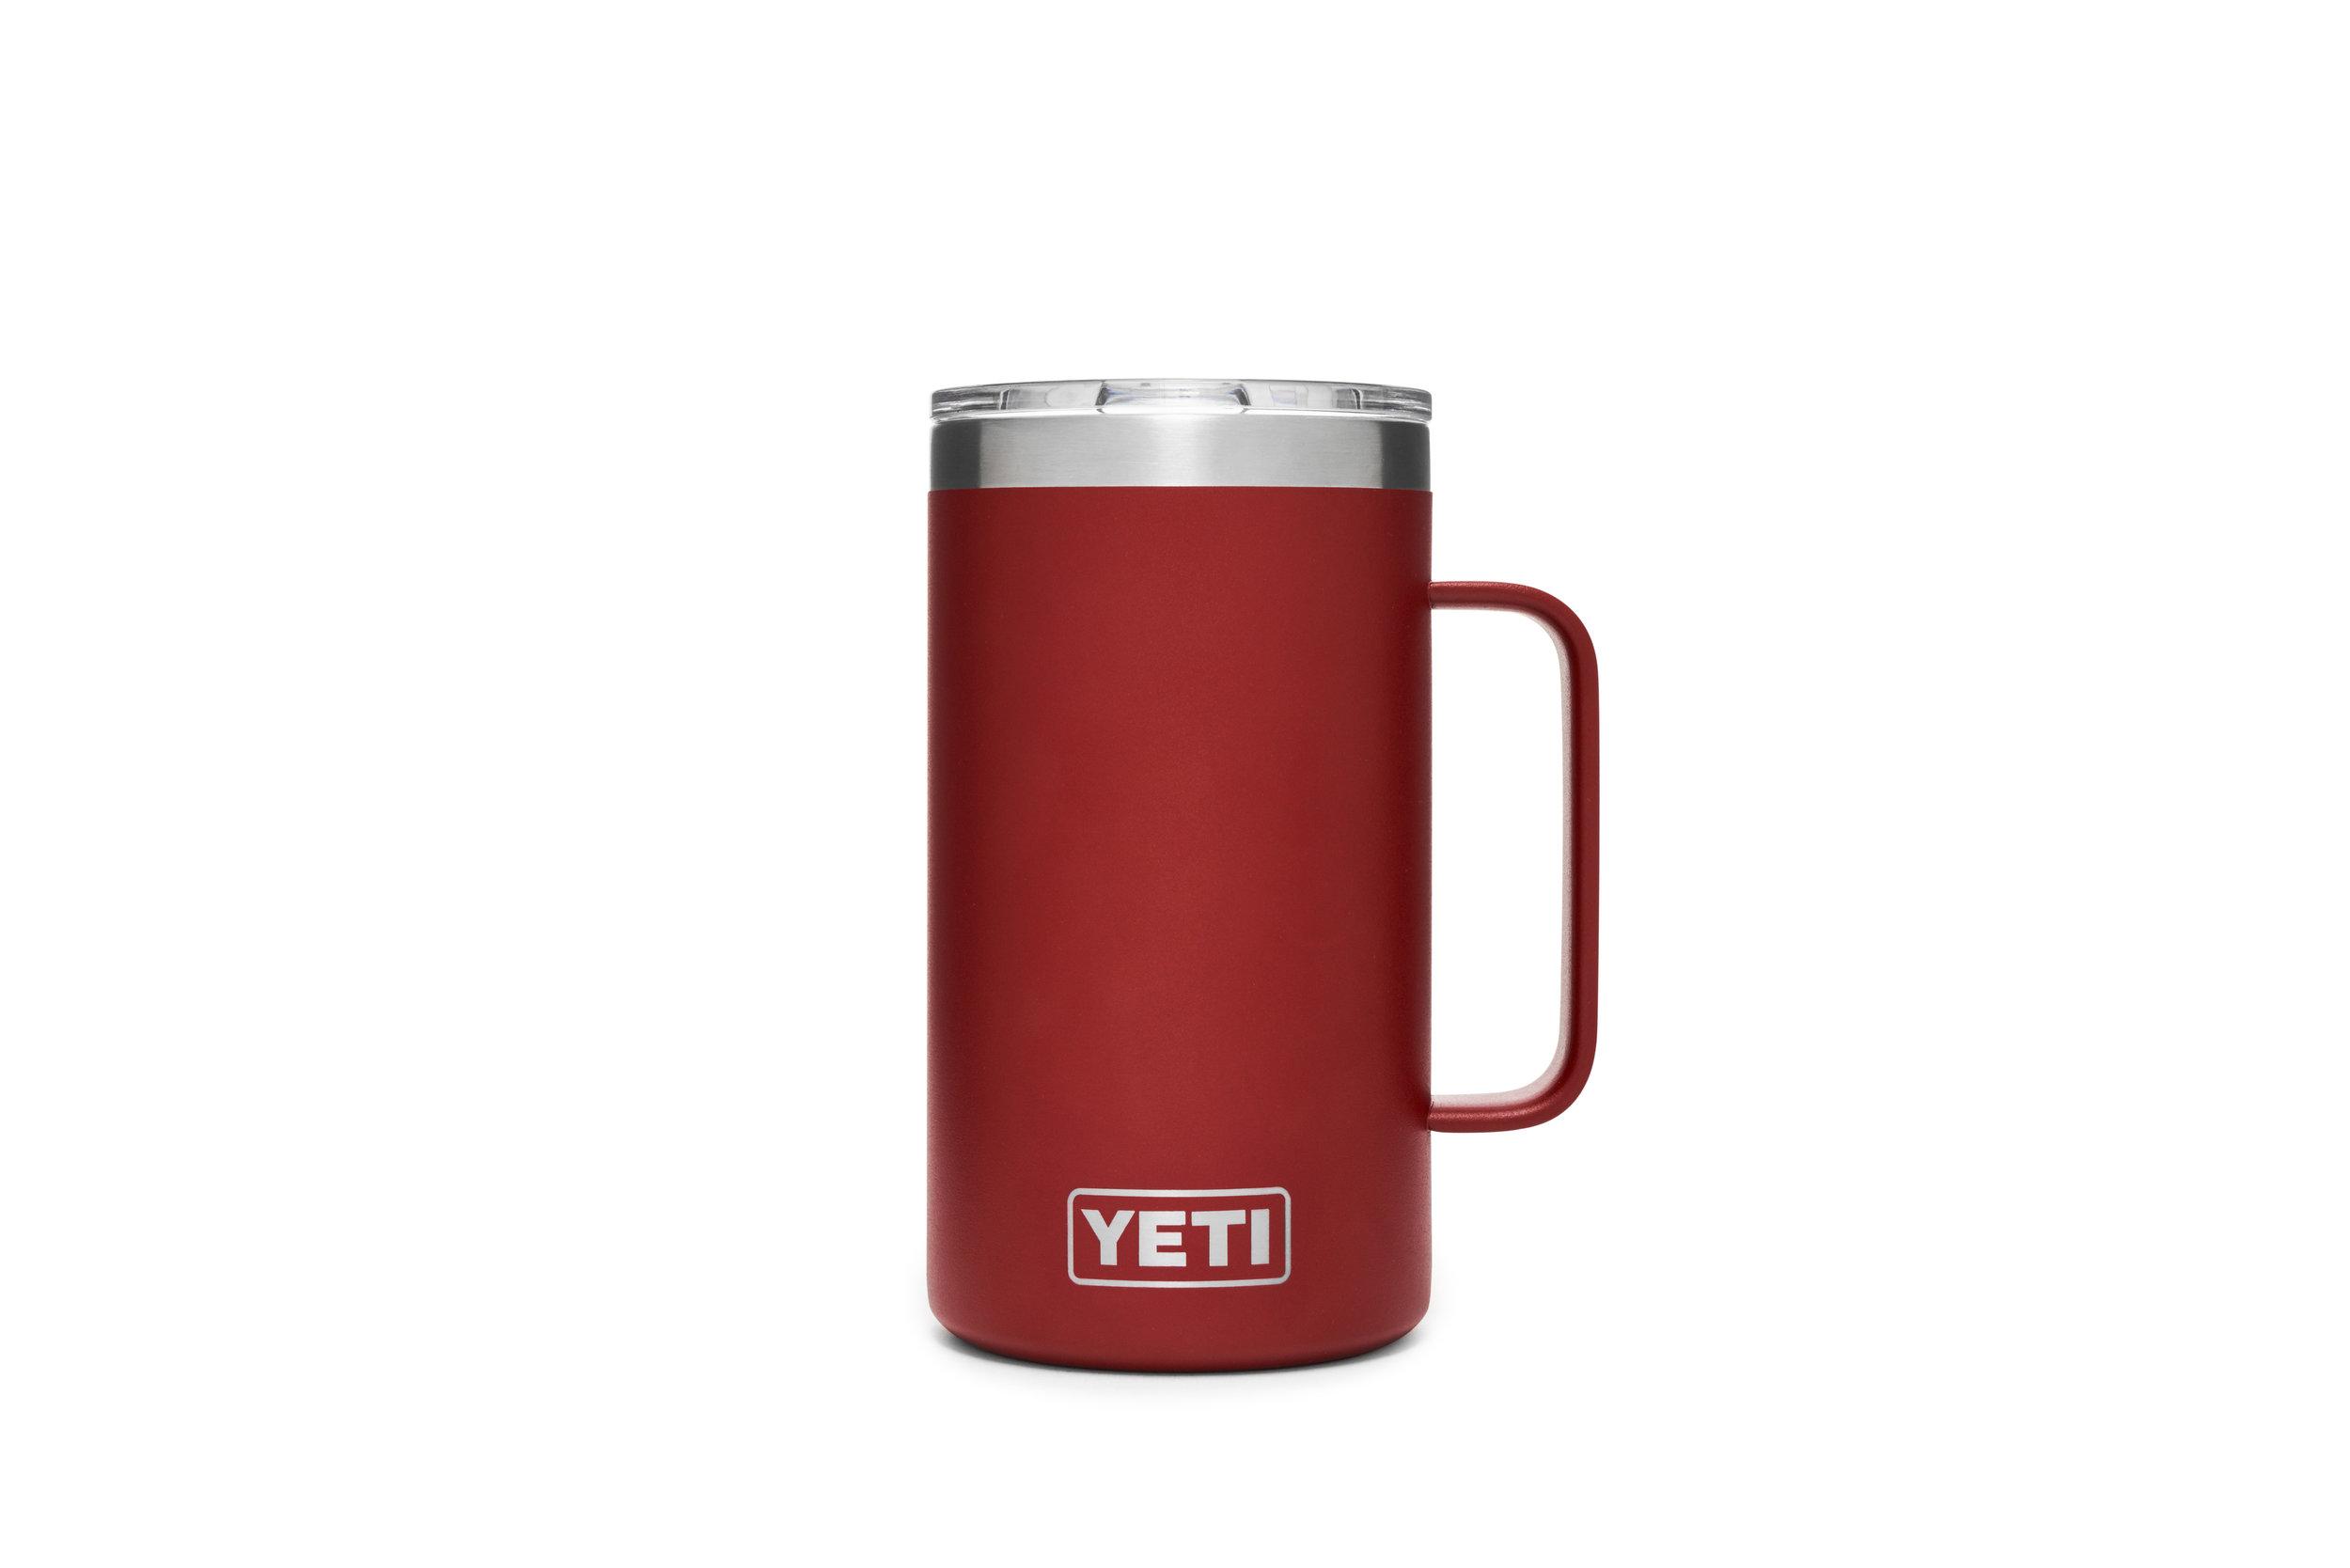 YETI 24 ounce Rambler Mug